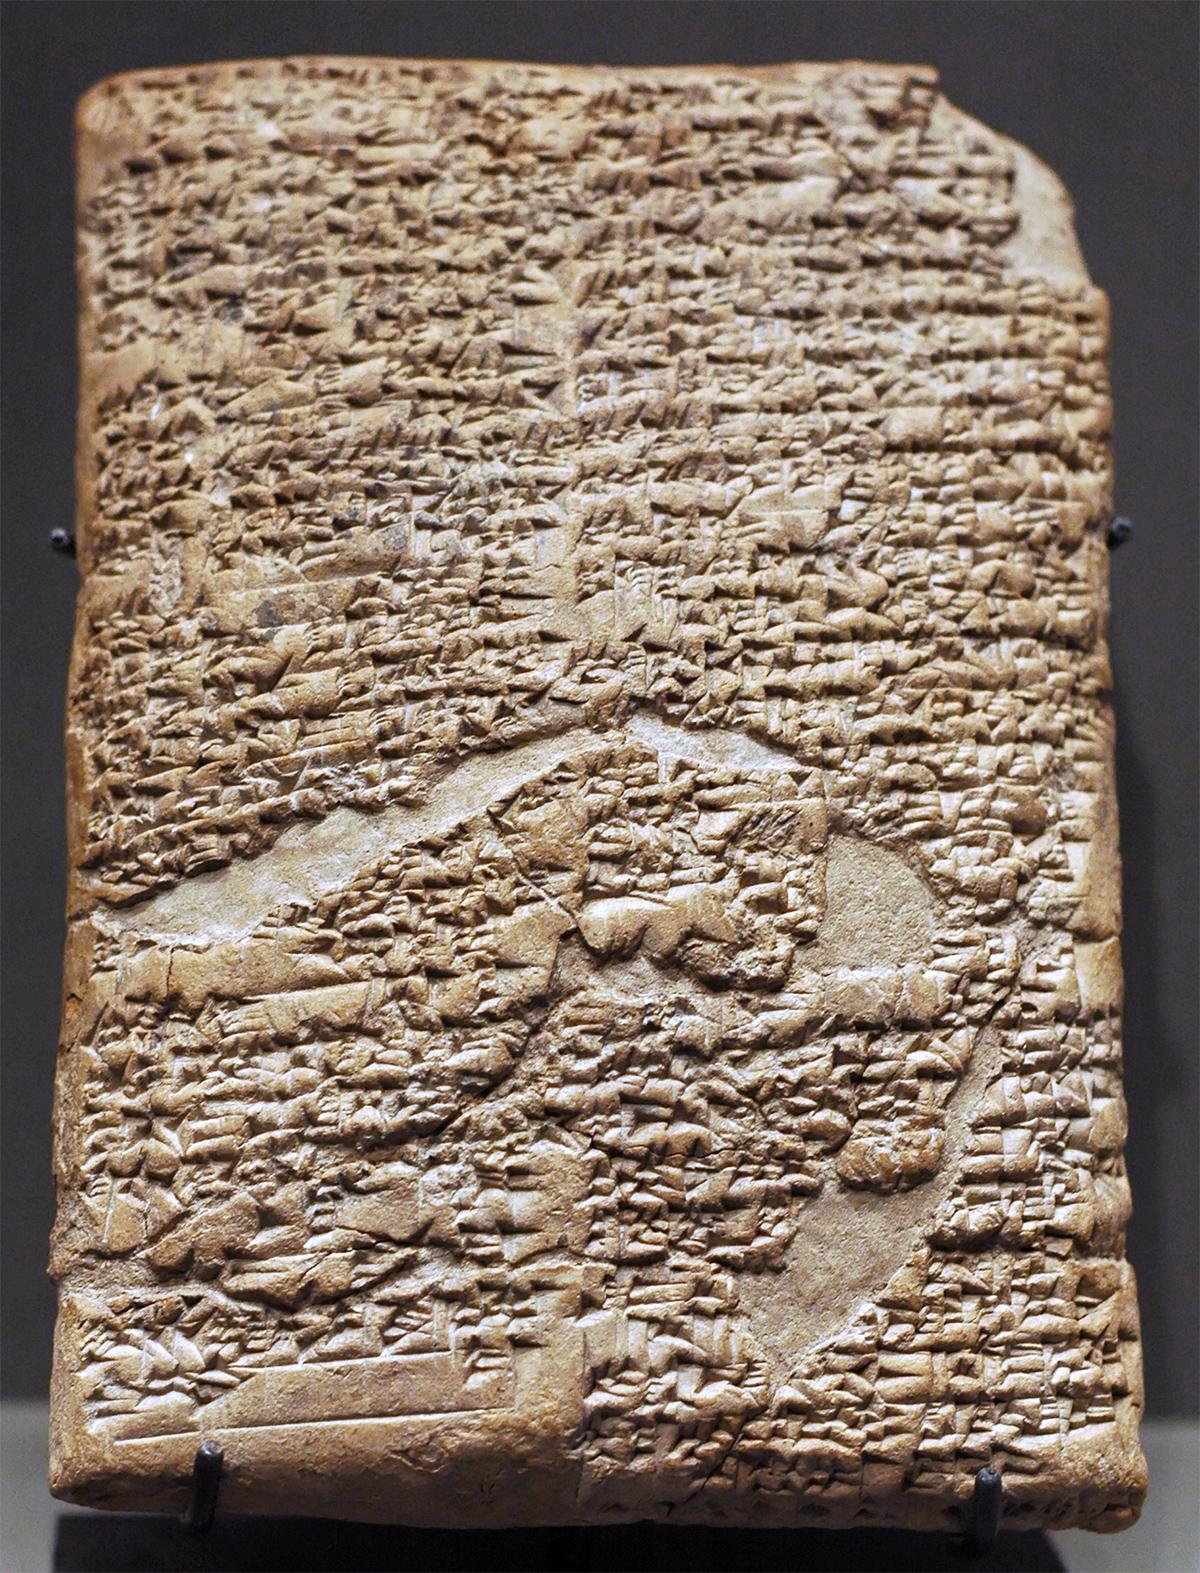 Глиняная табличка с текстом пролога к законнику царя Хаммурапи. Что-то вроде титульного листа кодекса.